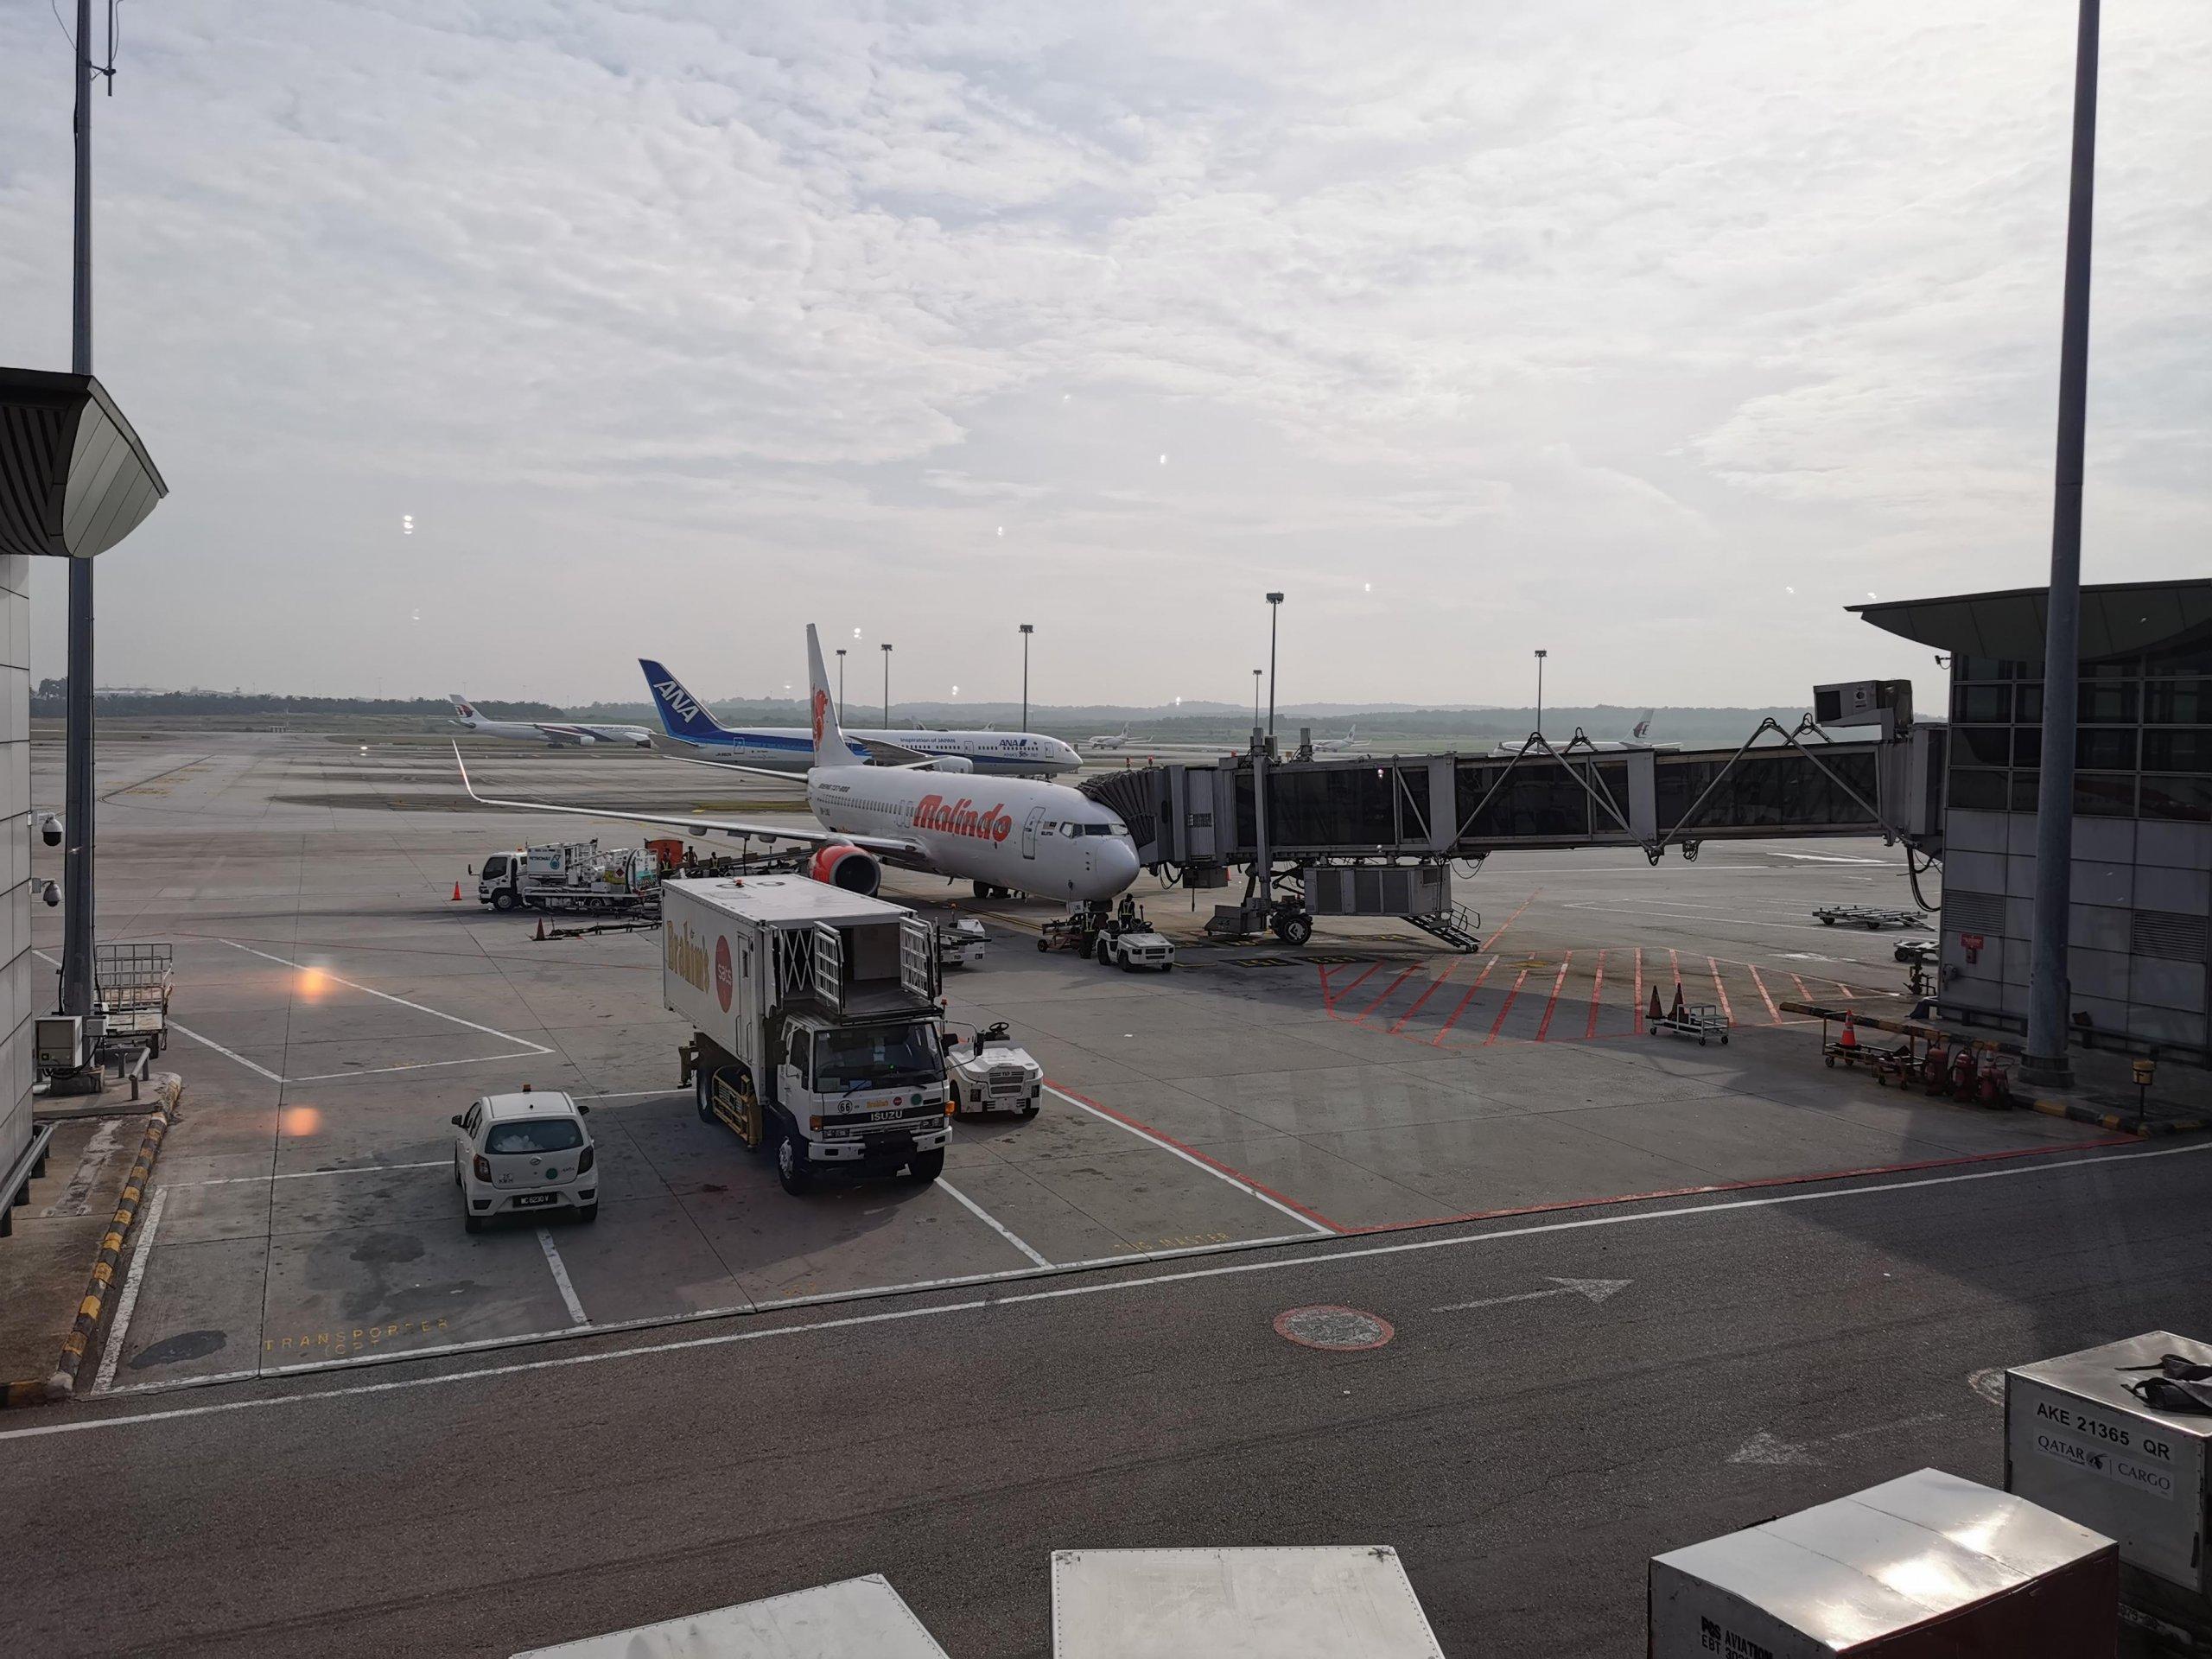 マレーシアのクアラルンプールはエアアジアのハブ空港で旅行には最適だ